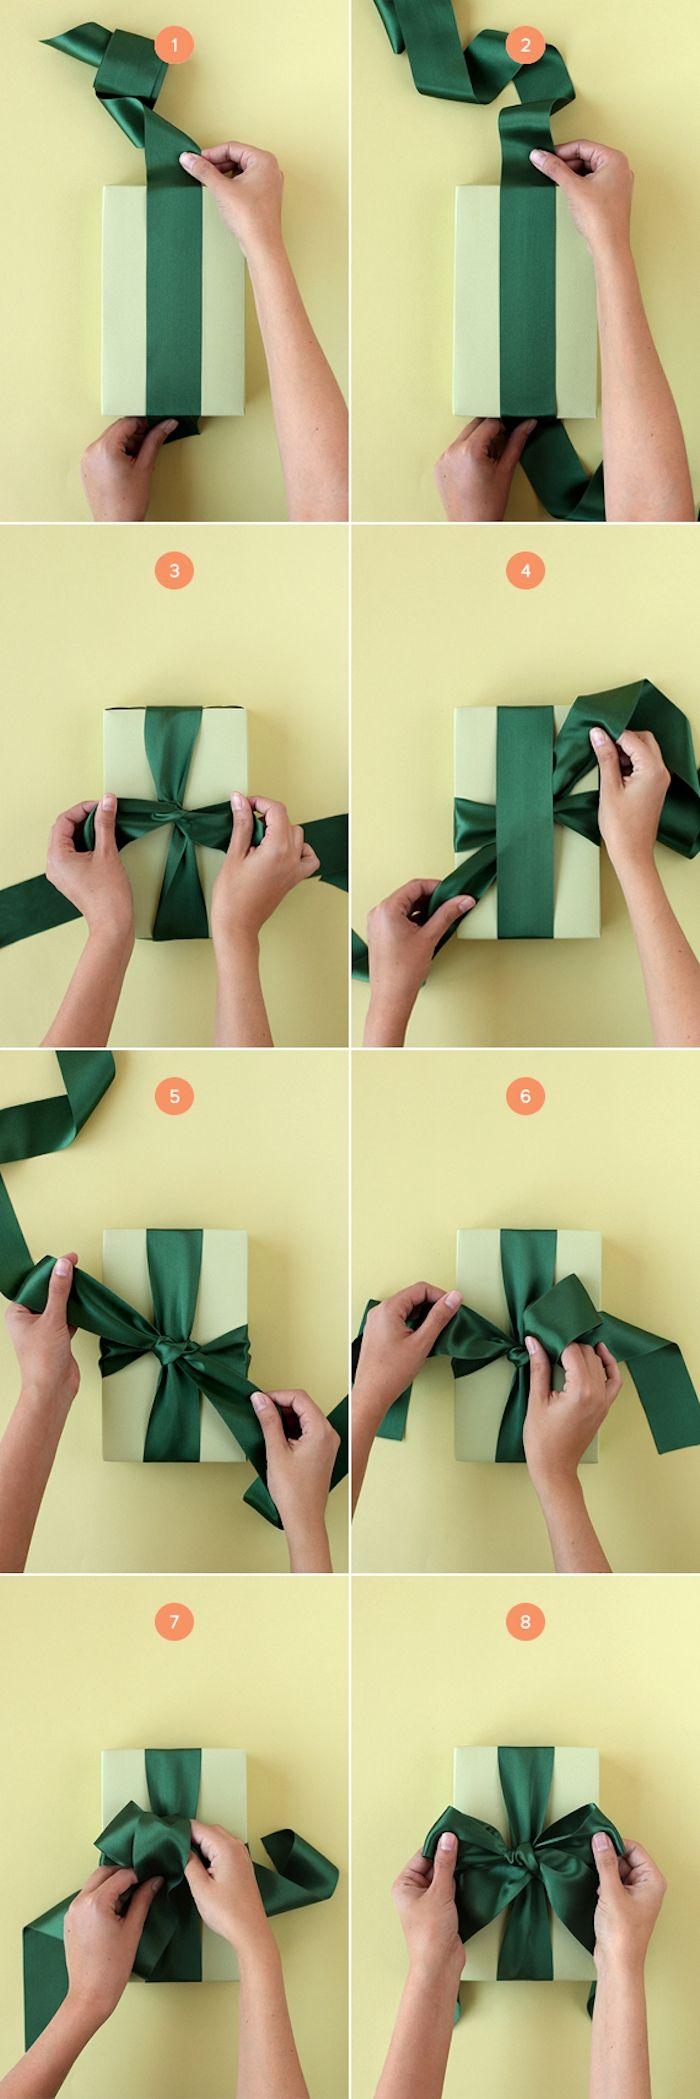 Comment Emballer Un Cadeau : comment, emballer, cadeau, Tutoriels, Idées, Emballer, Cadeau, Manière, Originale, Comment, Cadeaux,, Ruban, Cadeau,